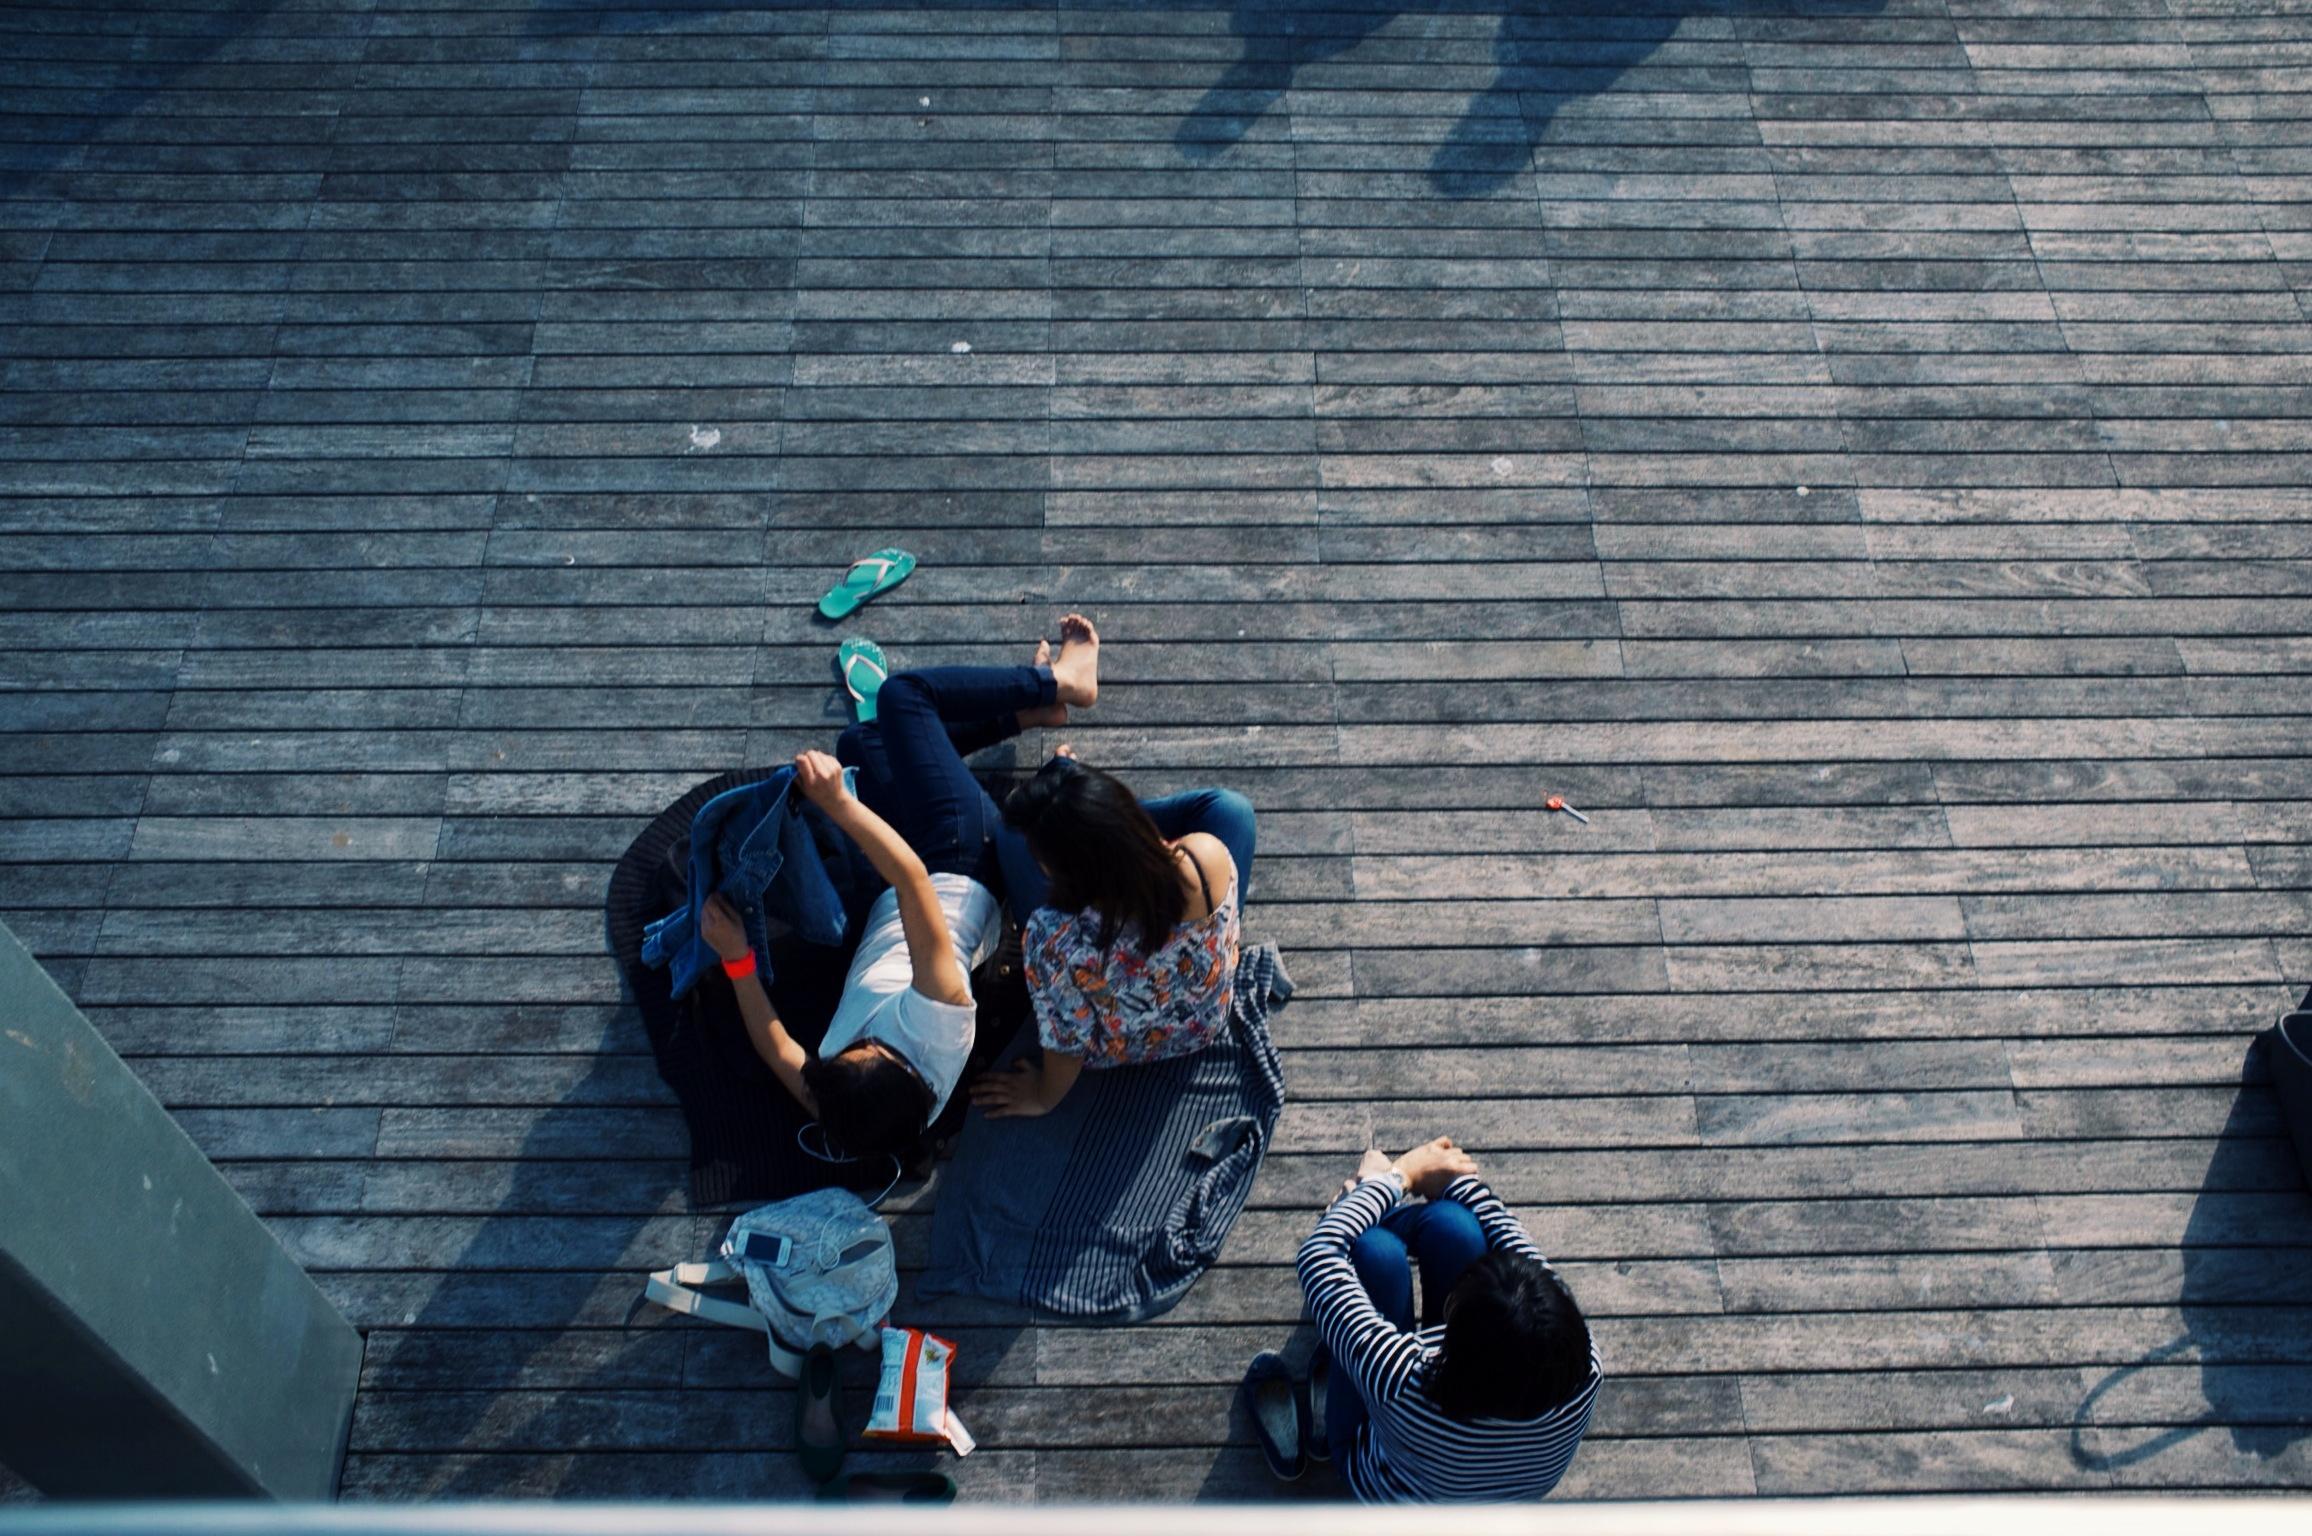 6 lời khuyên giúp bạn sớm tìm thấy người yêu thất lạc bấy lâu của mình - Ảnh 1.